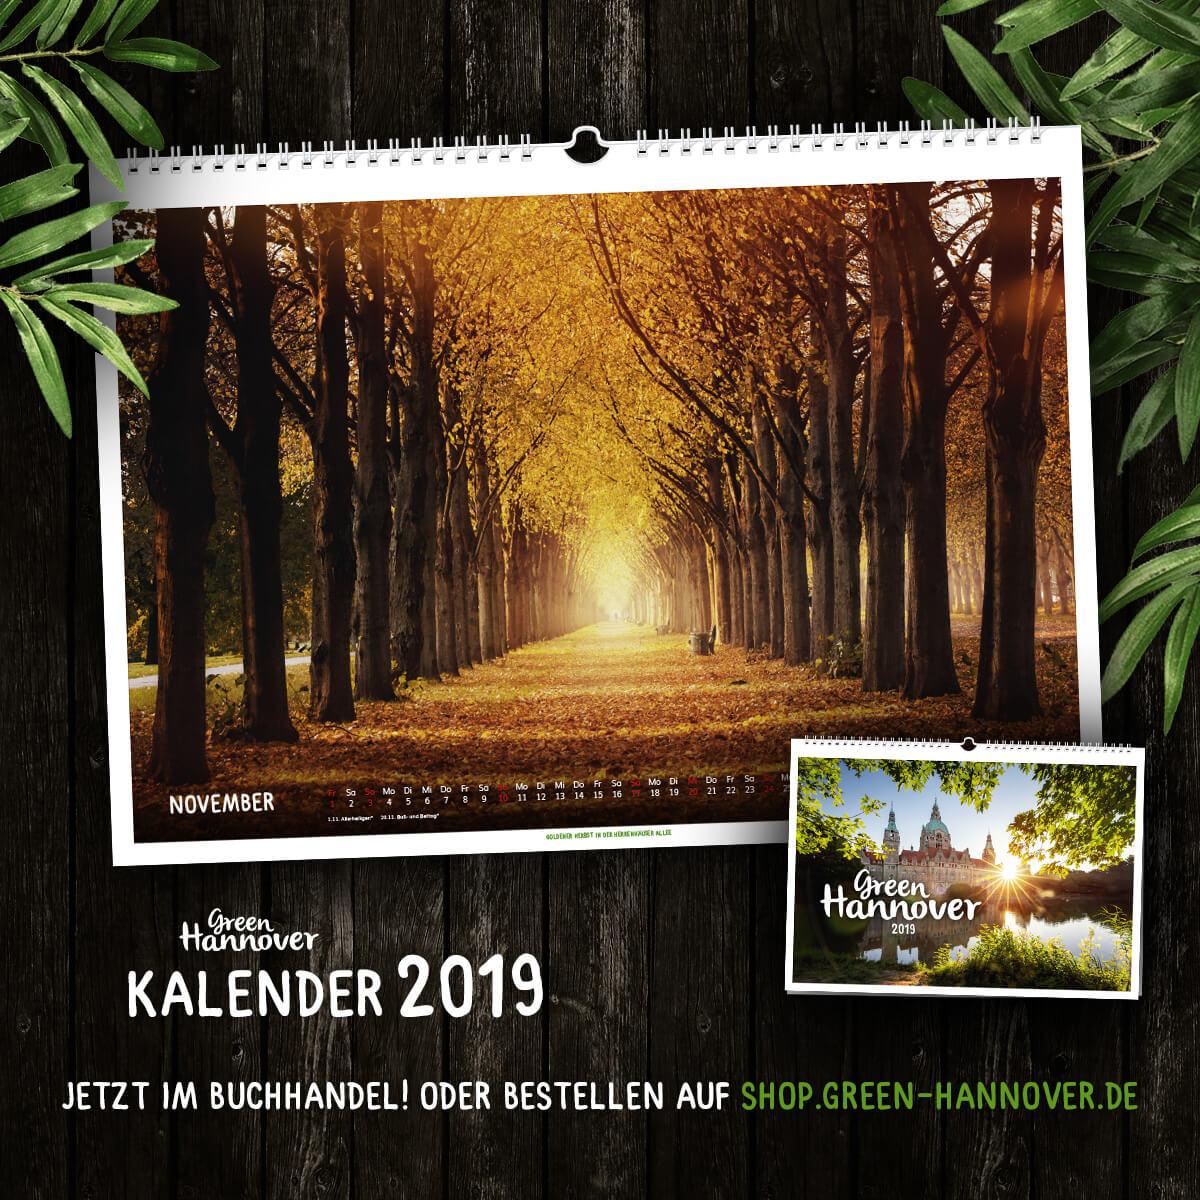 Herrenhäuser Allee Hannover Kalender